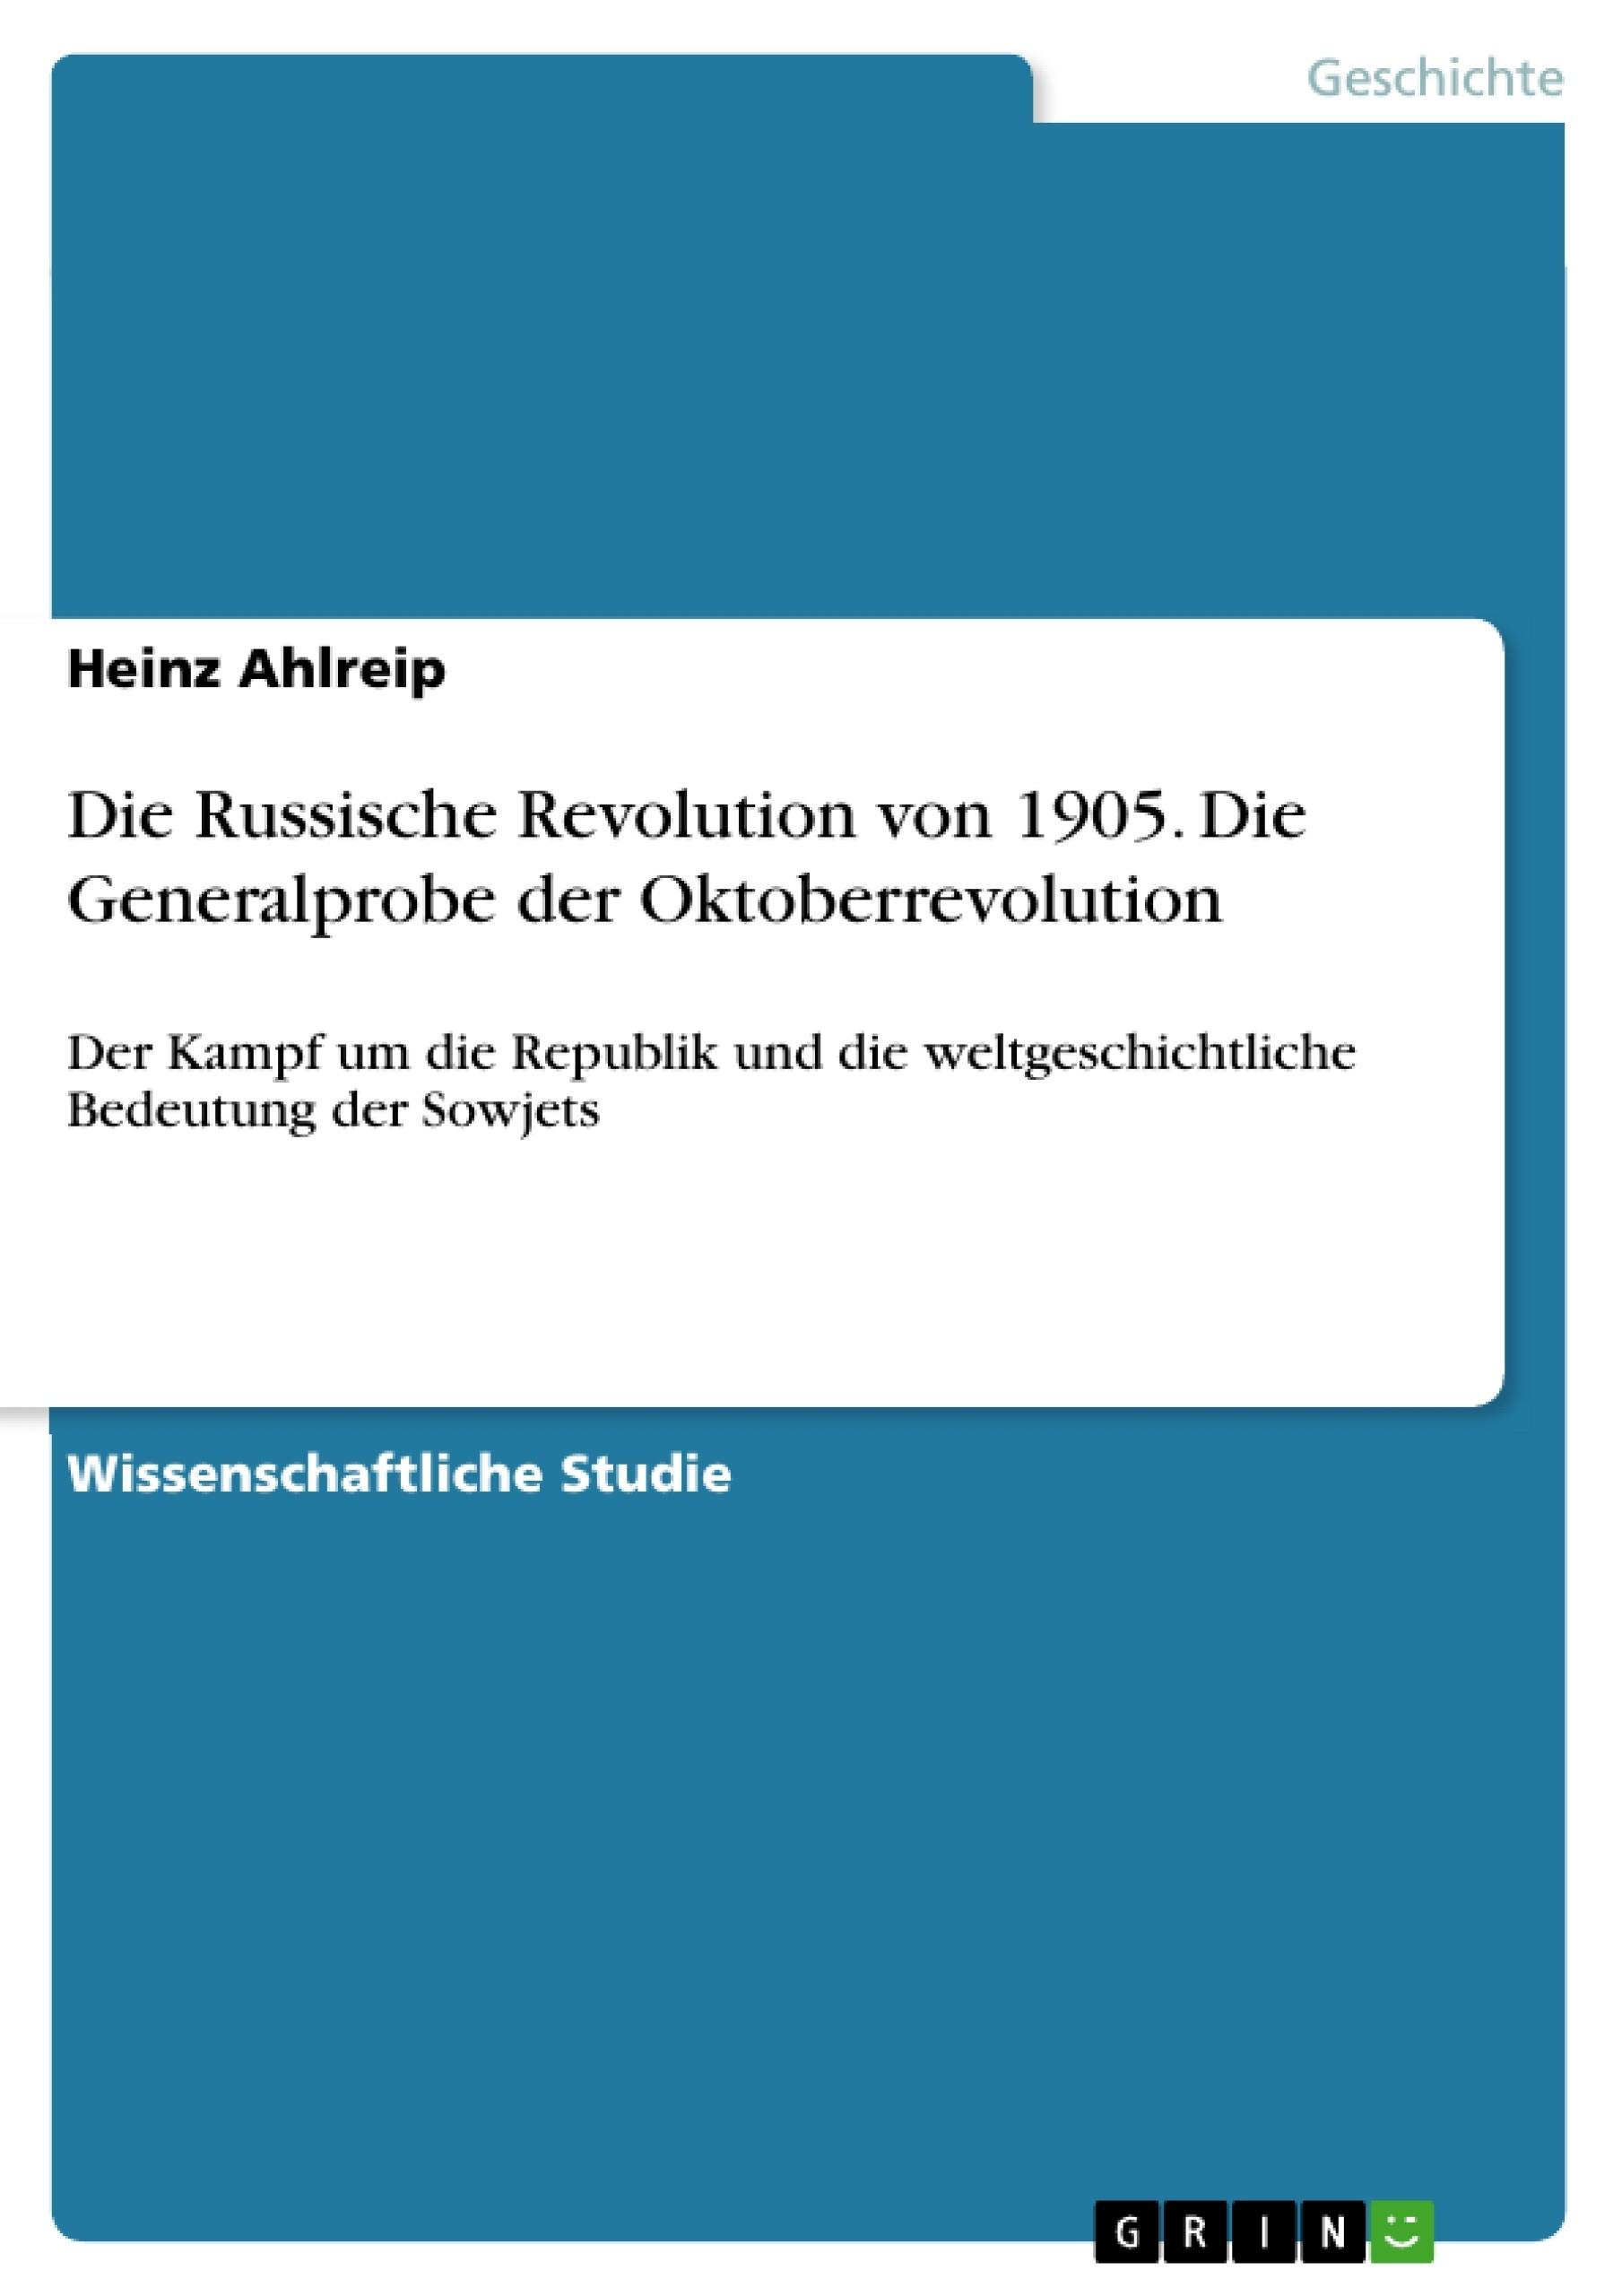 Titel: Die Russische Revolution von 1905. Die Generalprobe der Oktoberrevolution